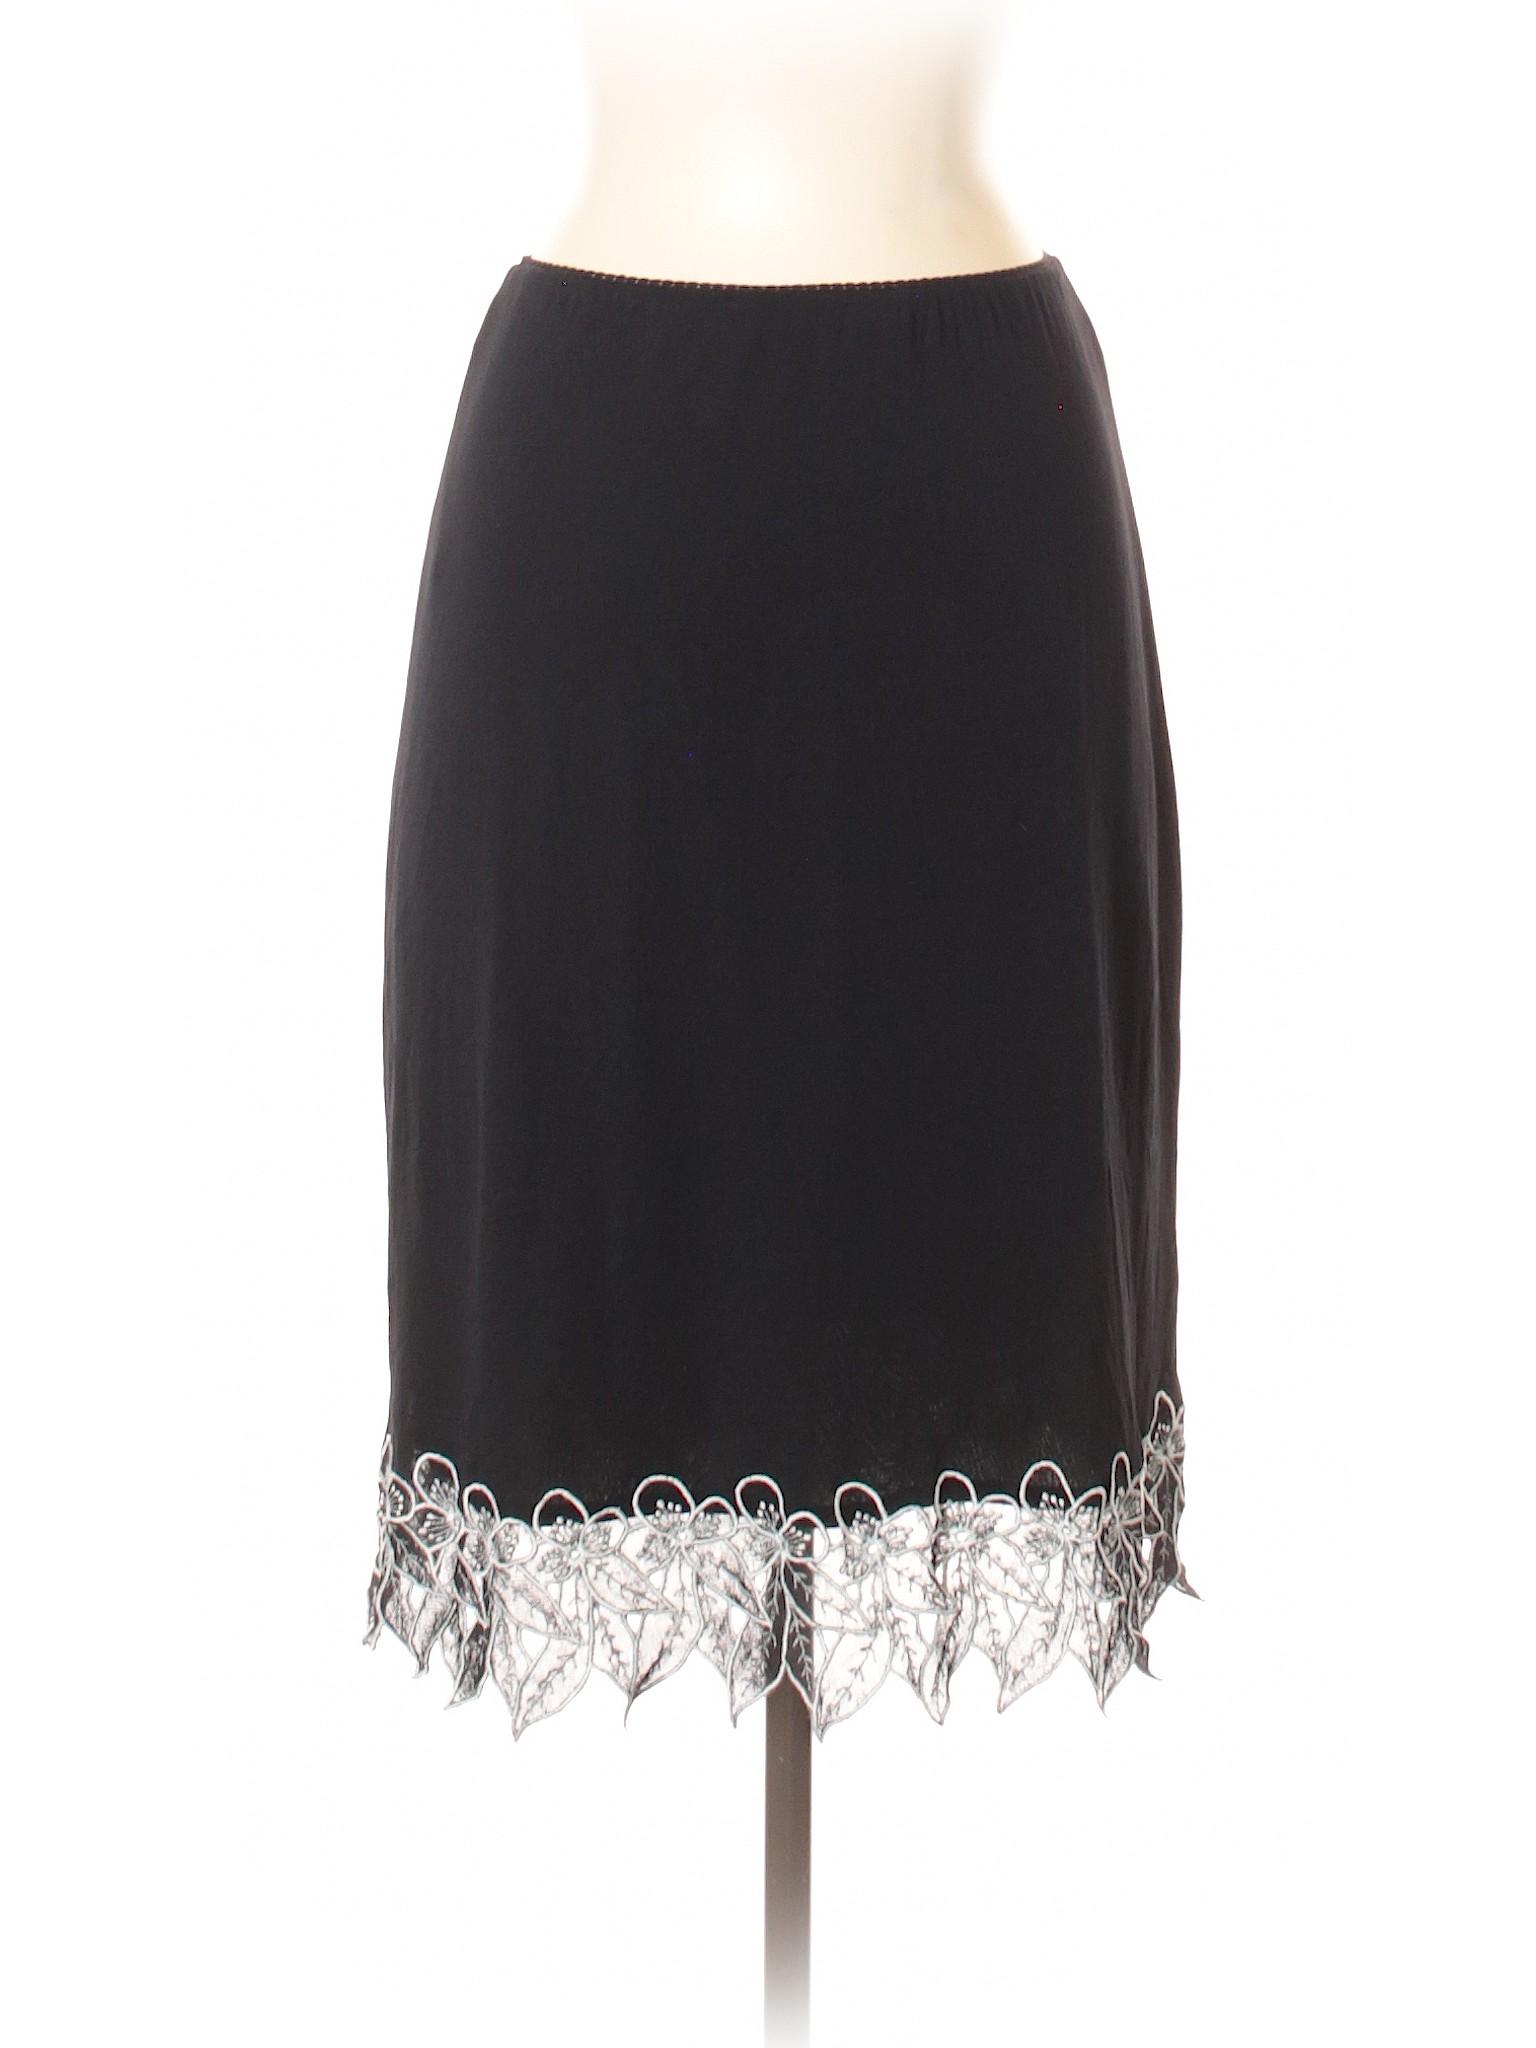 Casual Skirt Vivienne Tam Boutique leisure w1gqx8